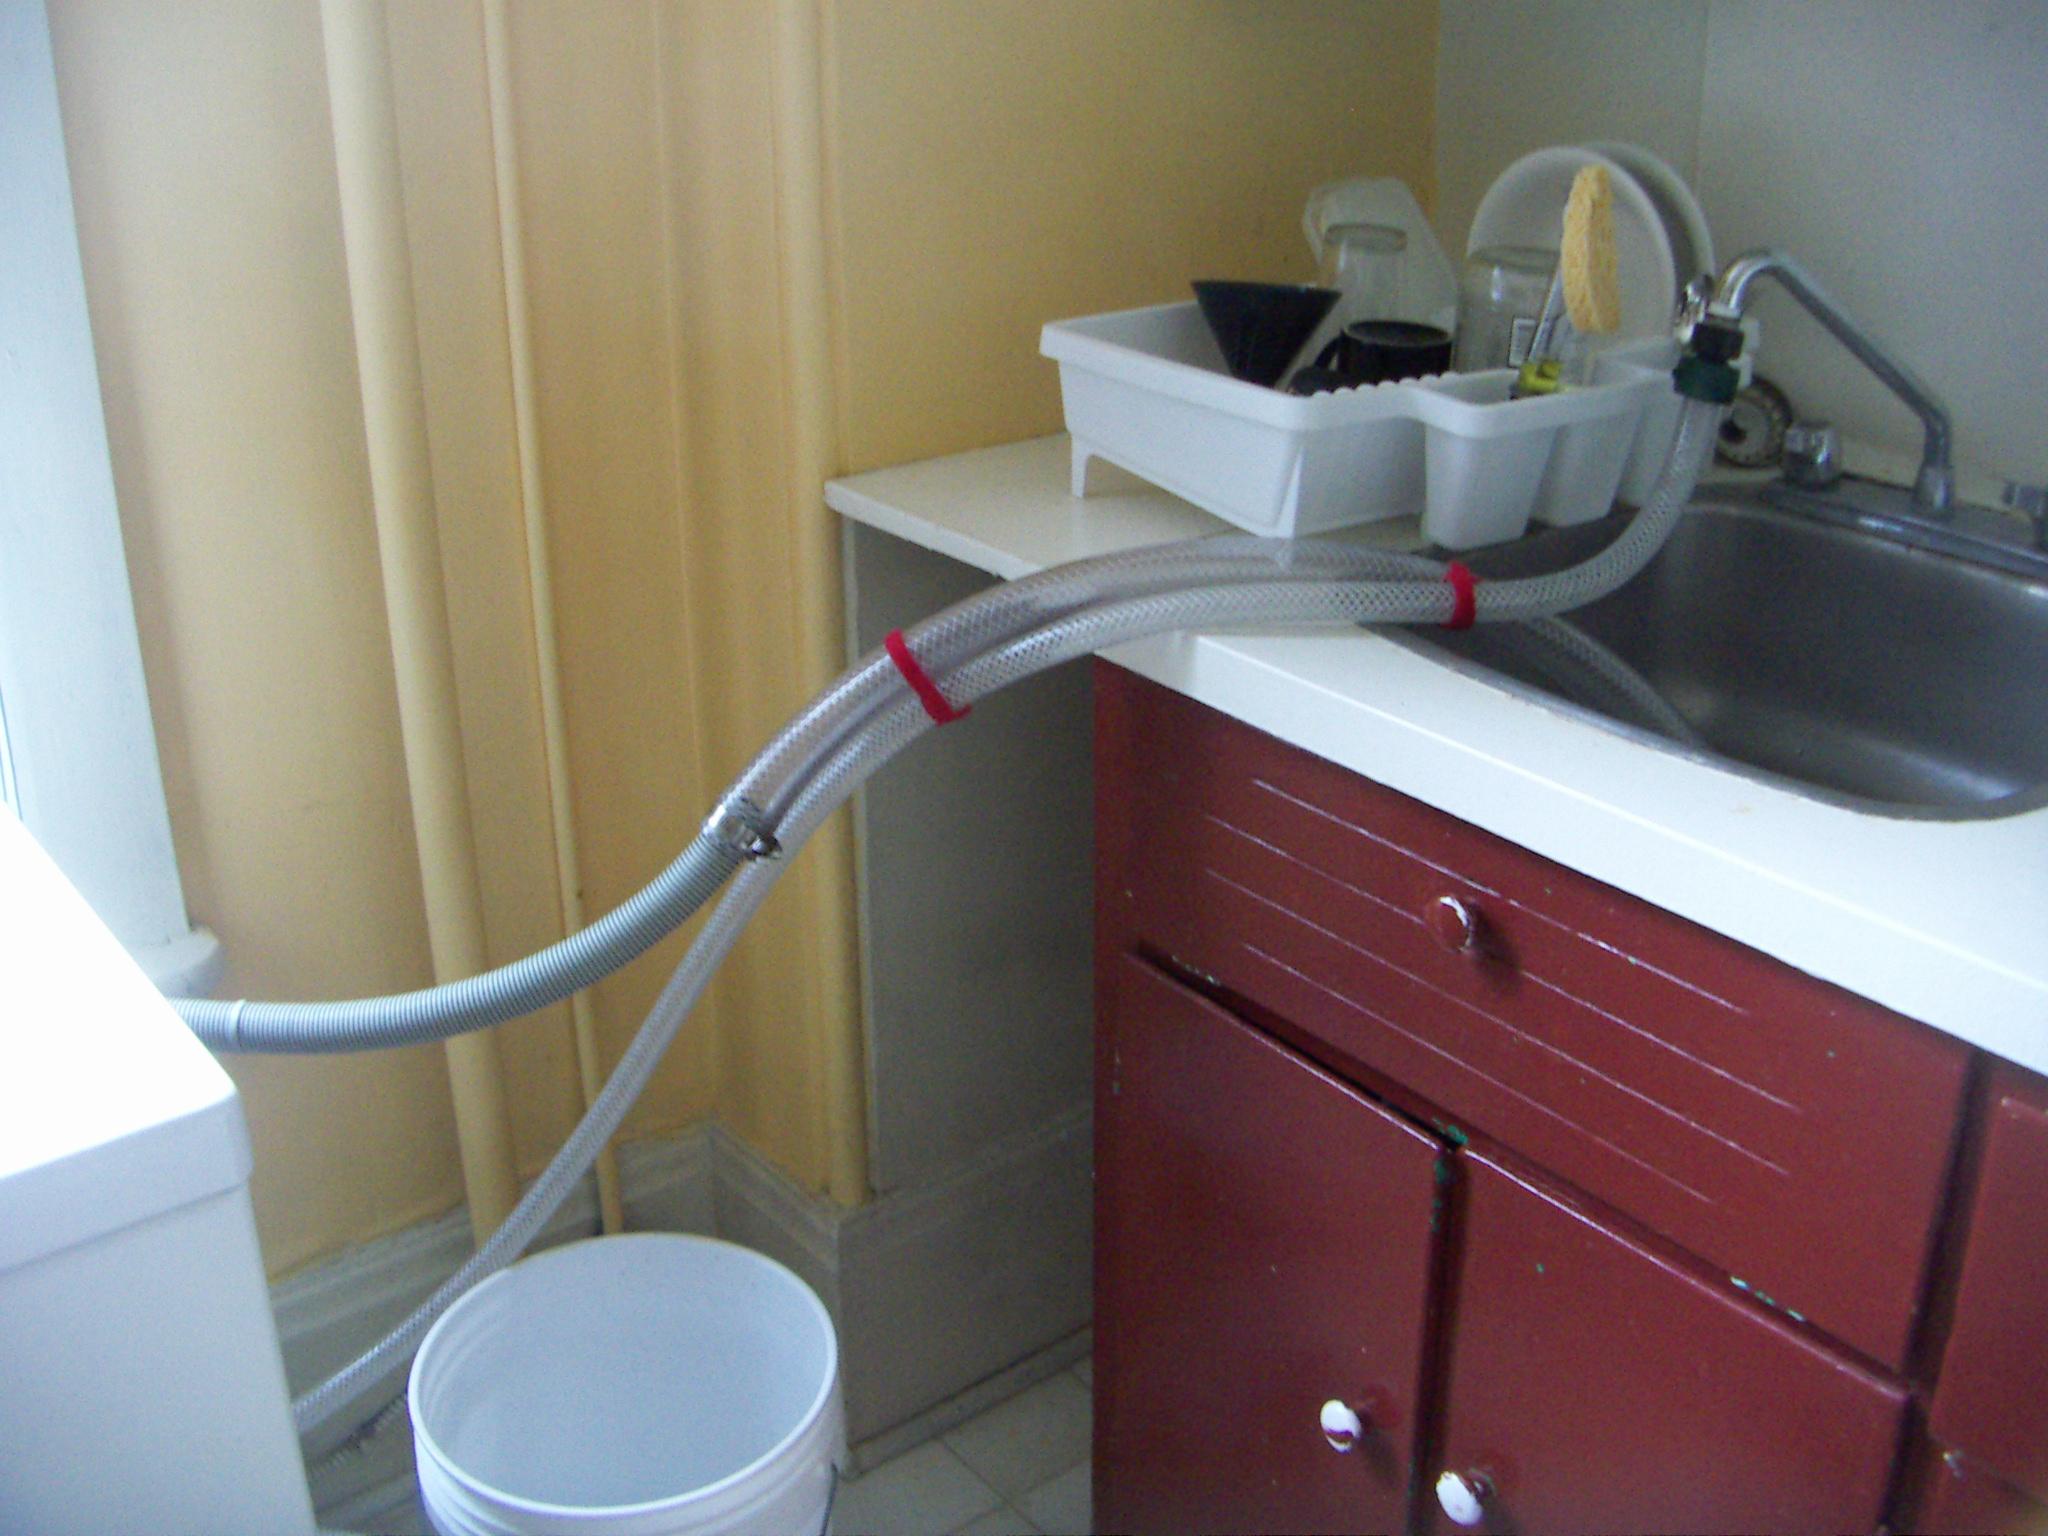 a washing machine to a kitchen sink